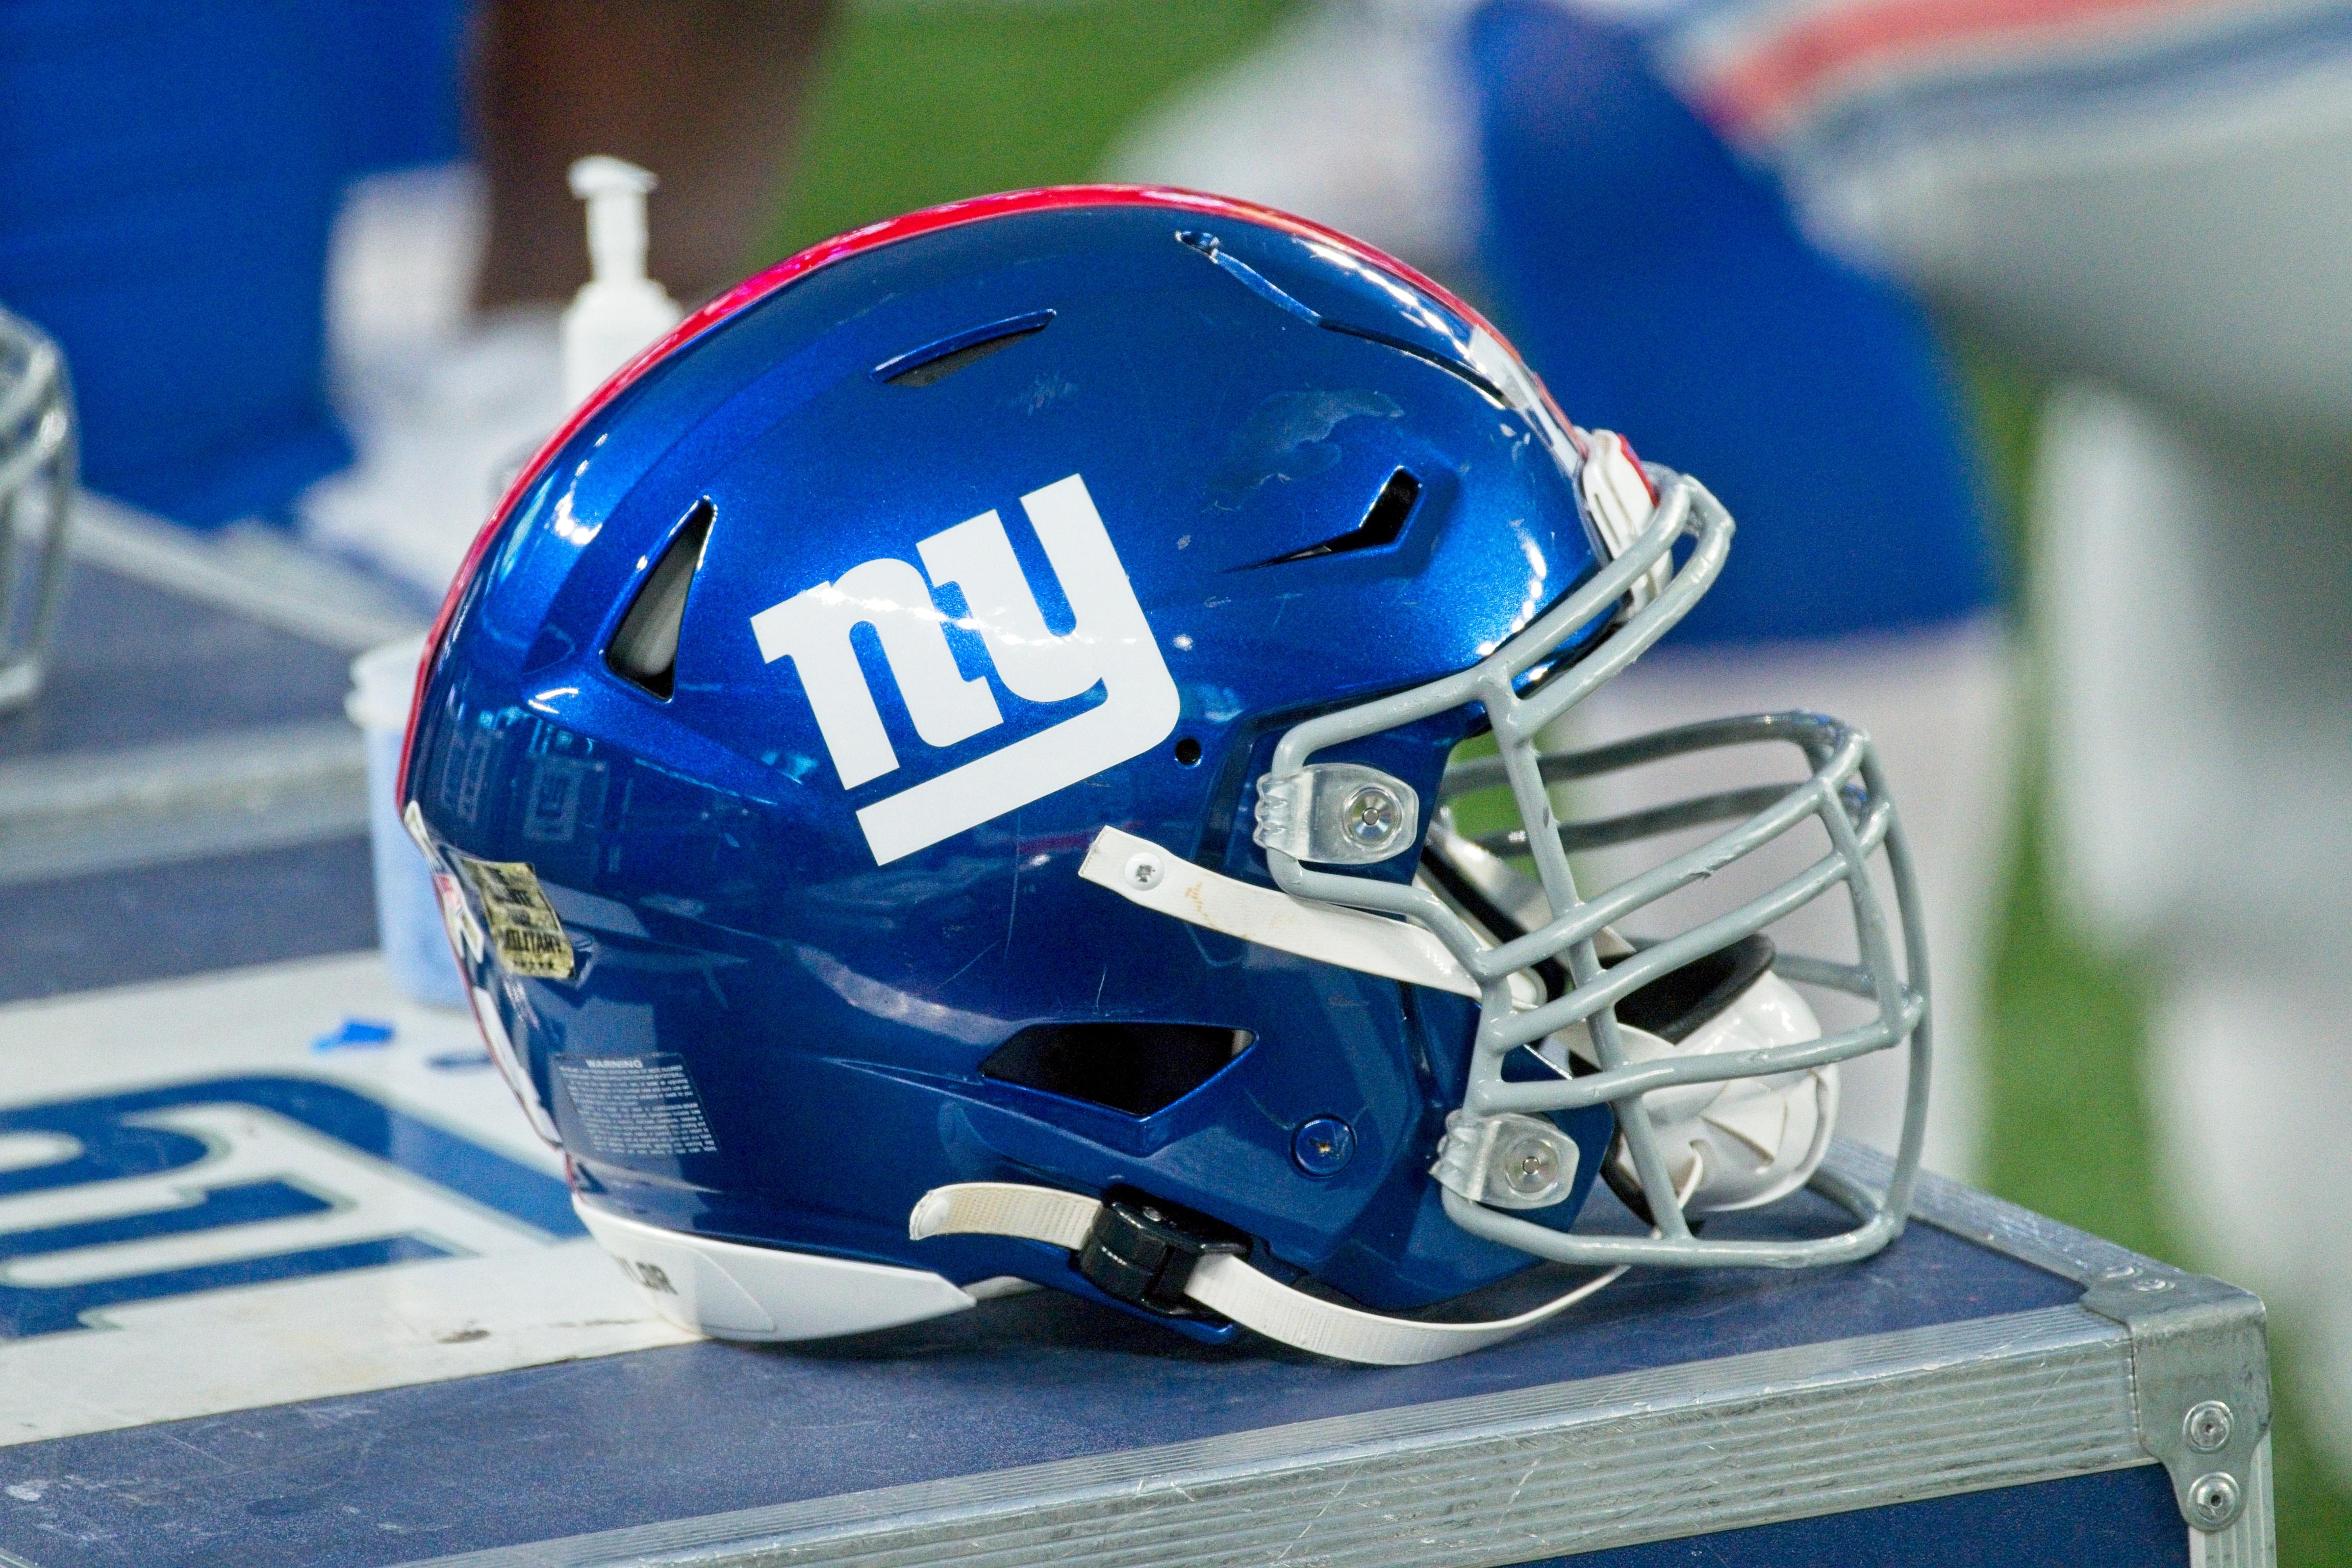 NFL: NOV 15 Eagles at Giants